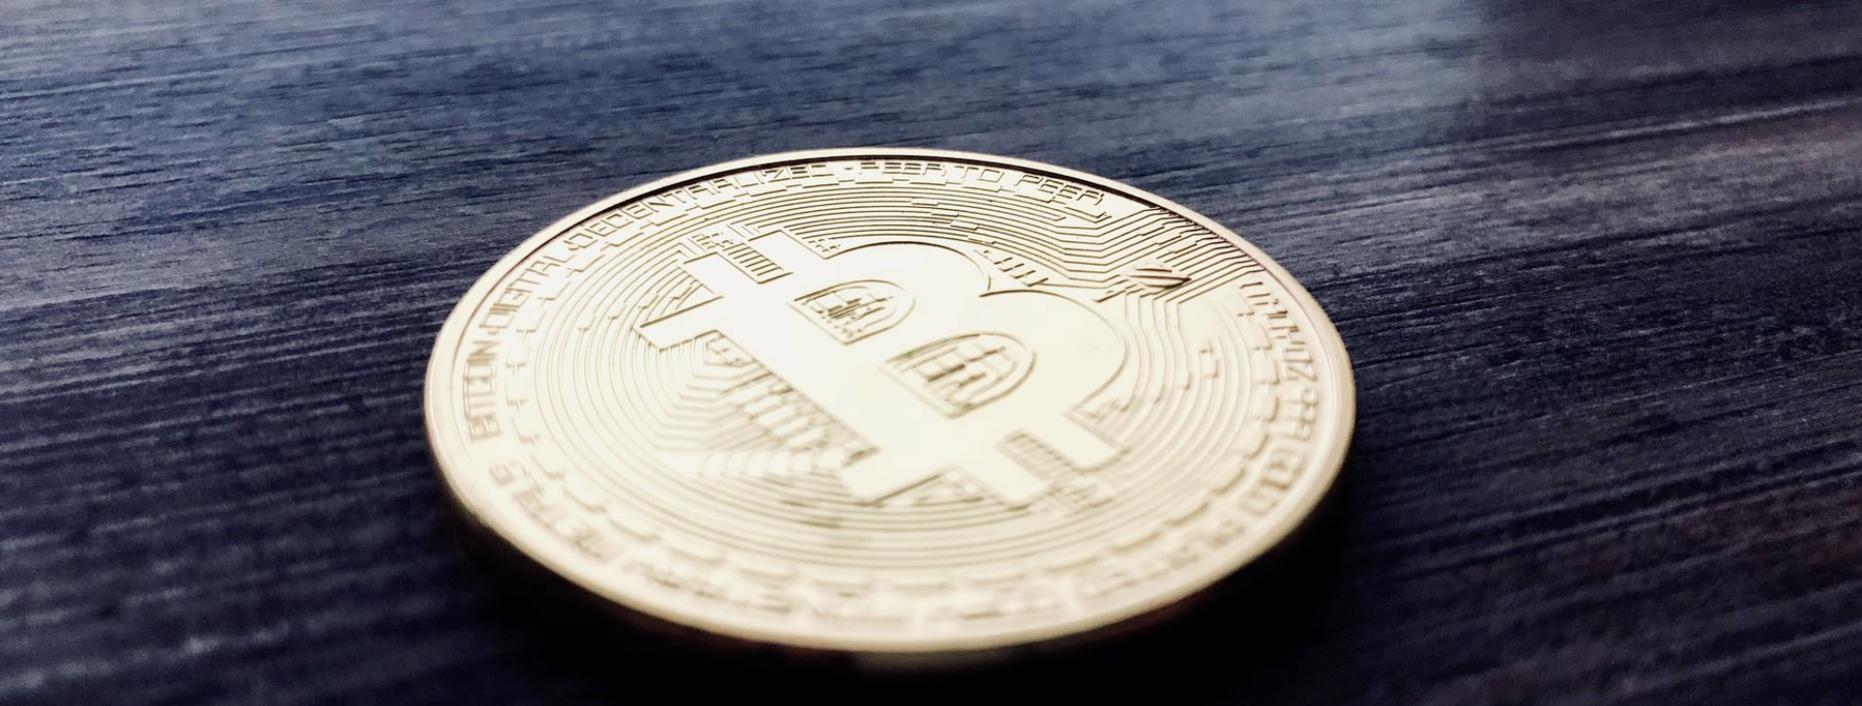 Le commerce de crypto a fortement augmenté à cause de la pandémie de Corona